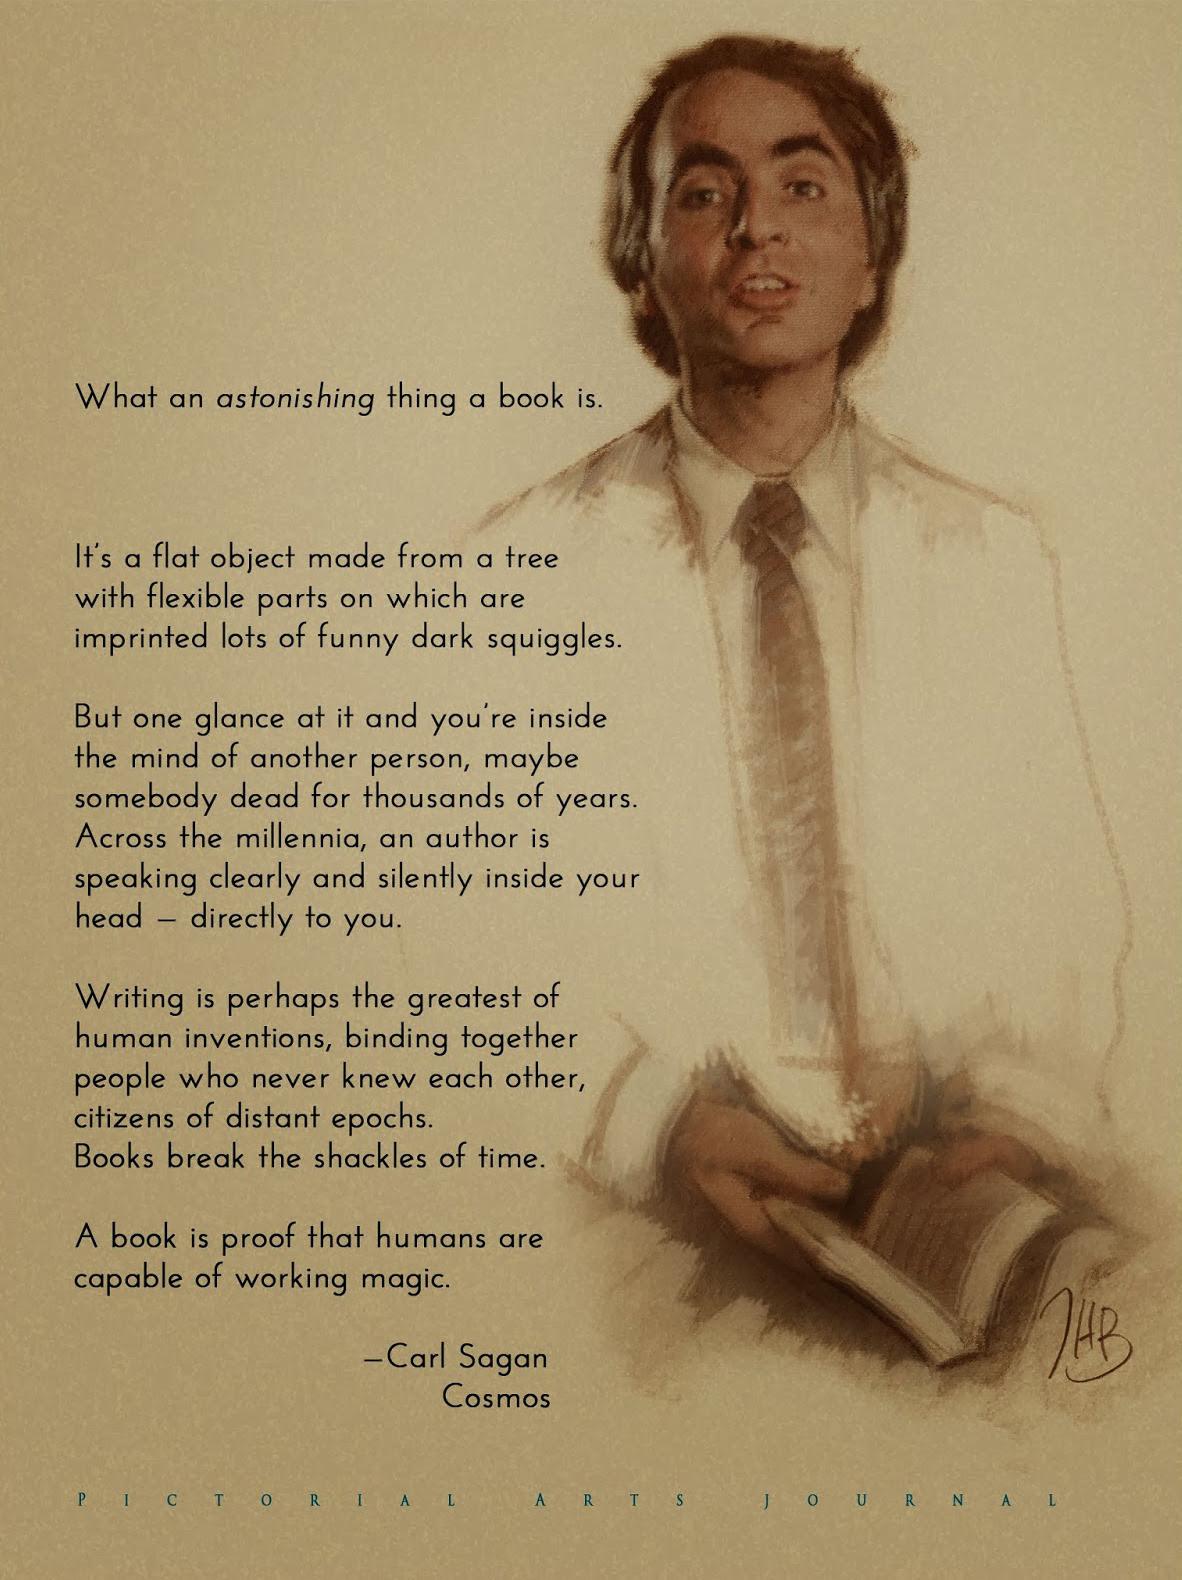 nevver:  Carl Sagan